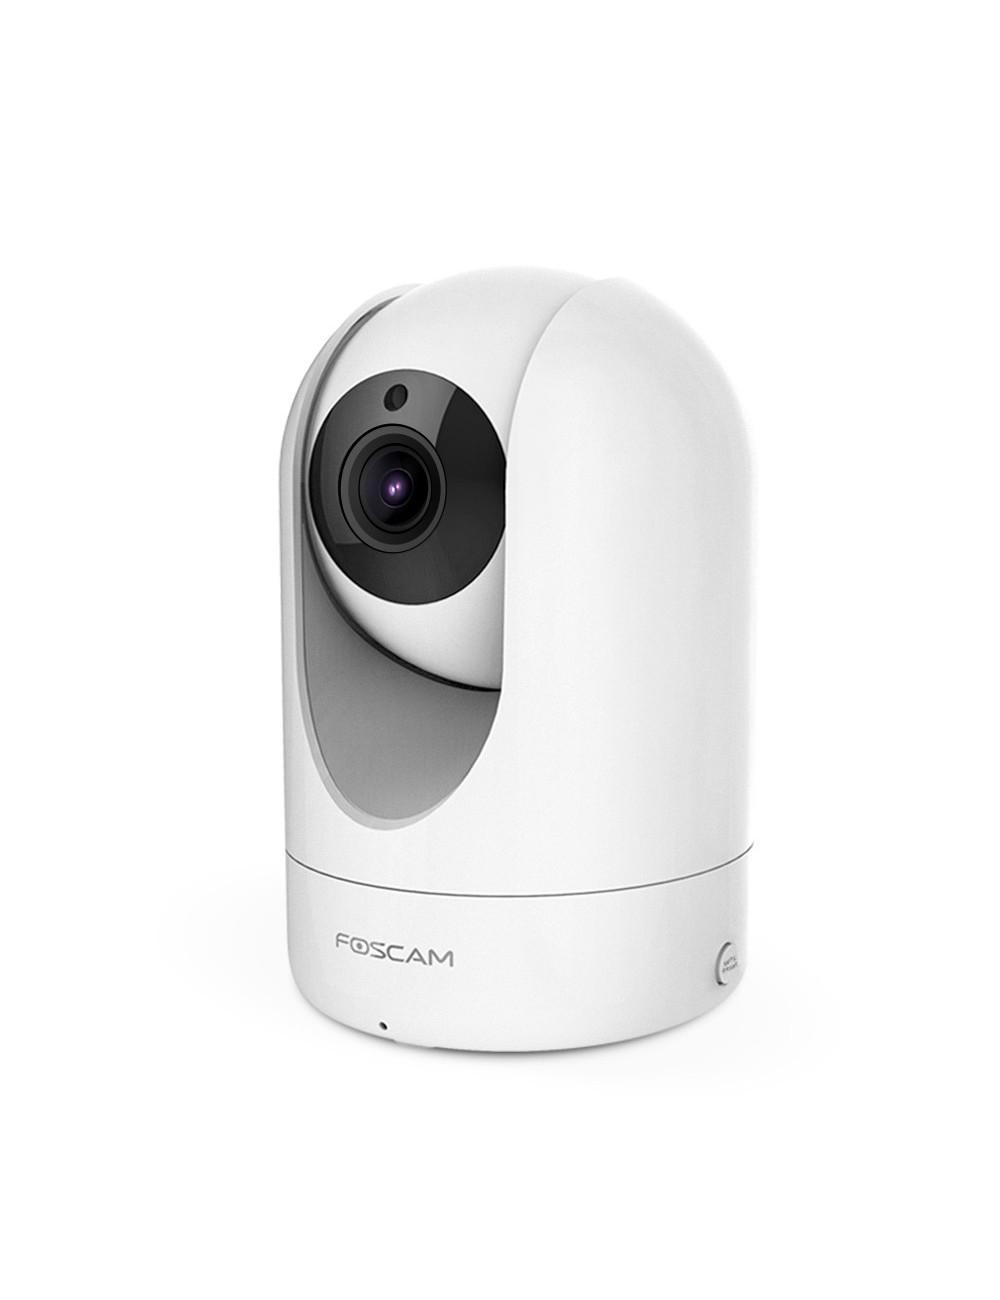 Foscam R2M - 2.0 Megapixel Camera